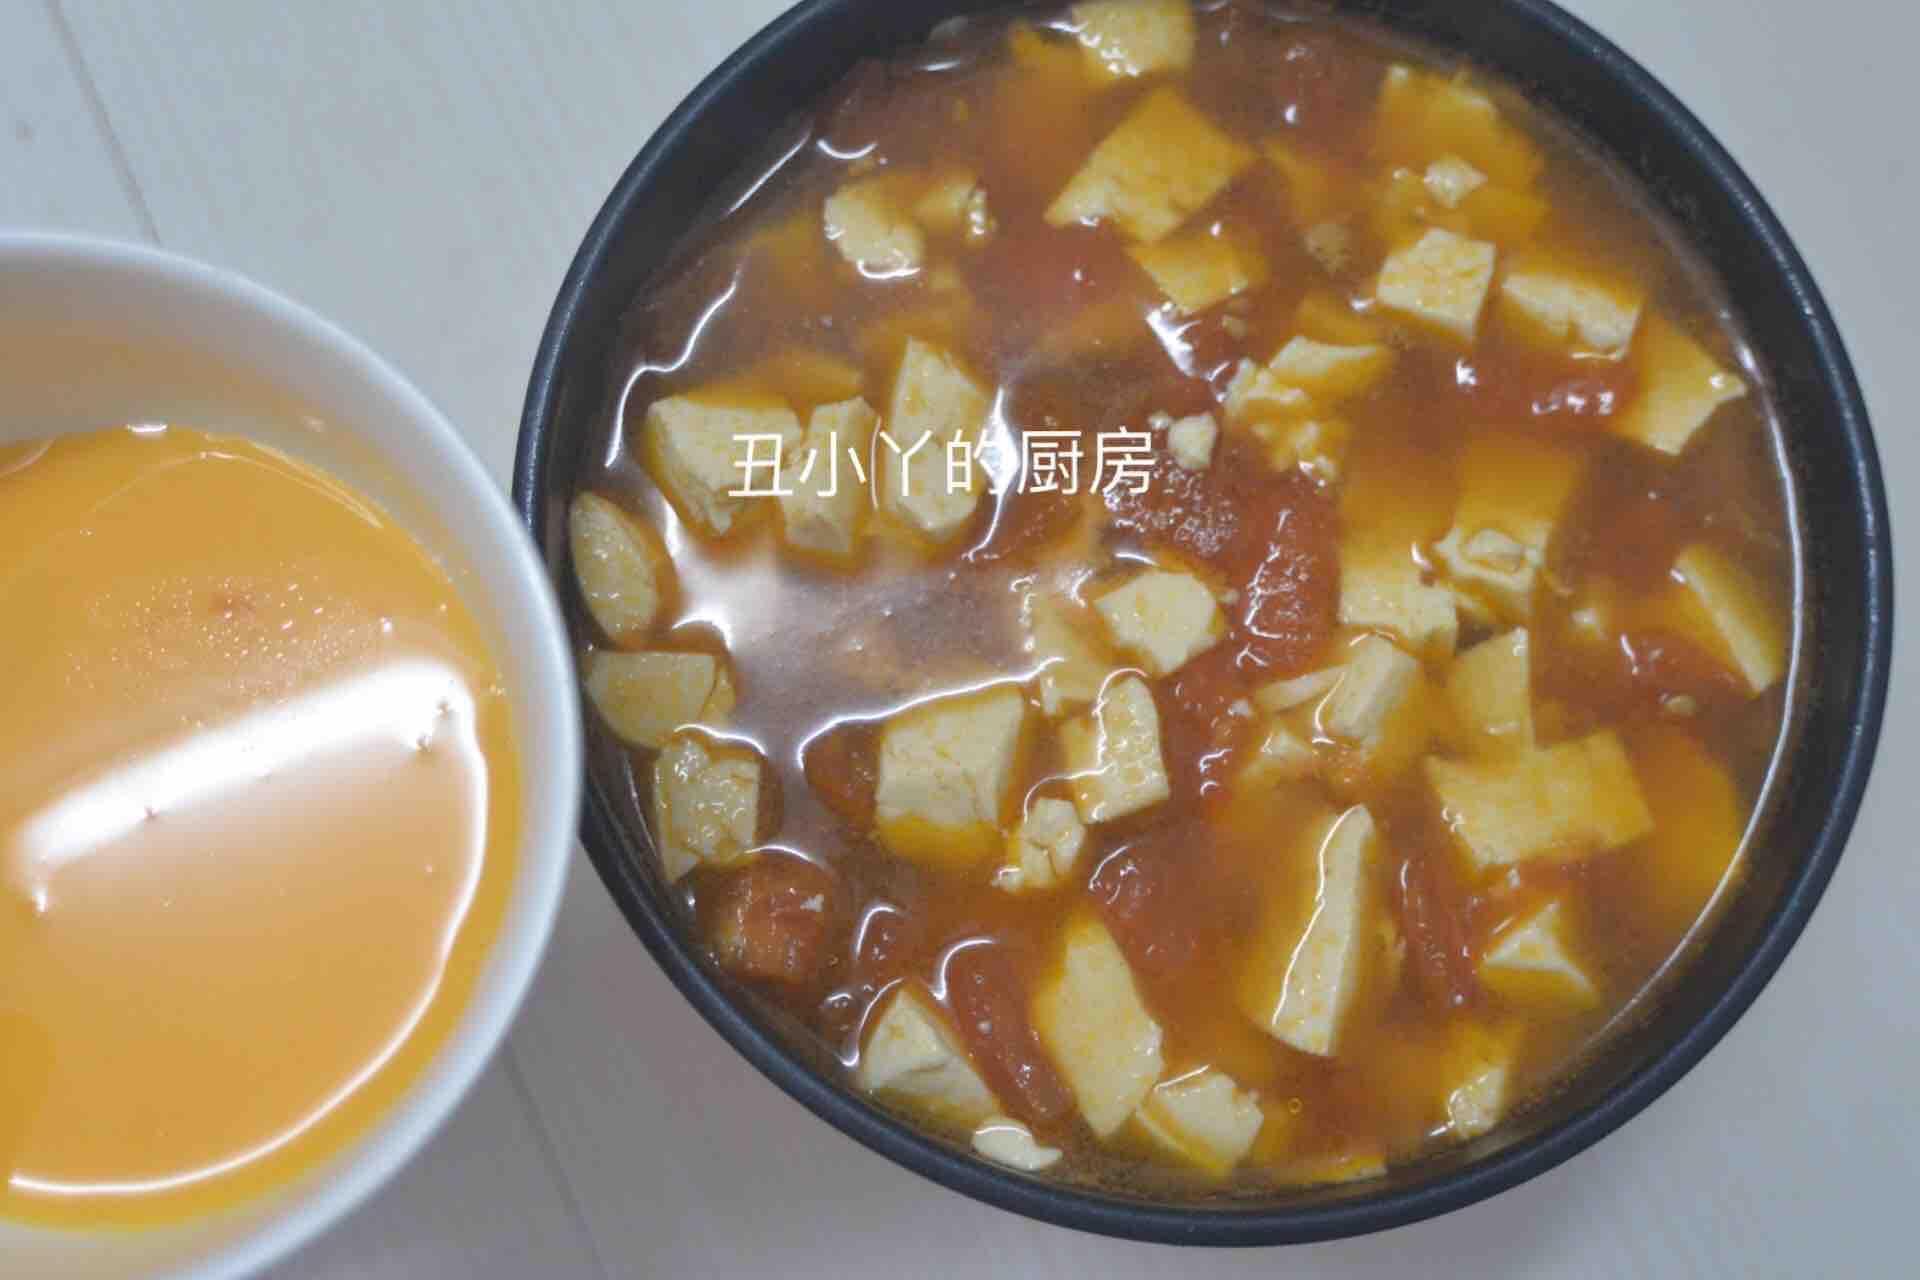 酸爽开胃 番茄豆腐鸡蛋羹怎么煮